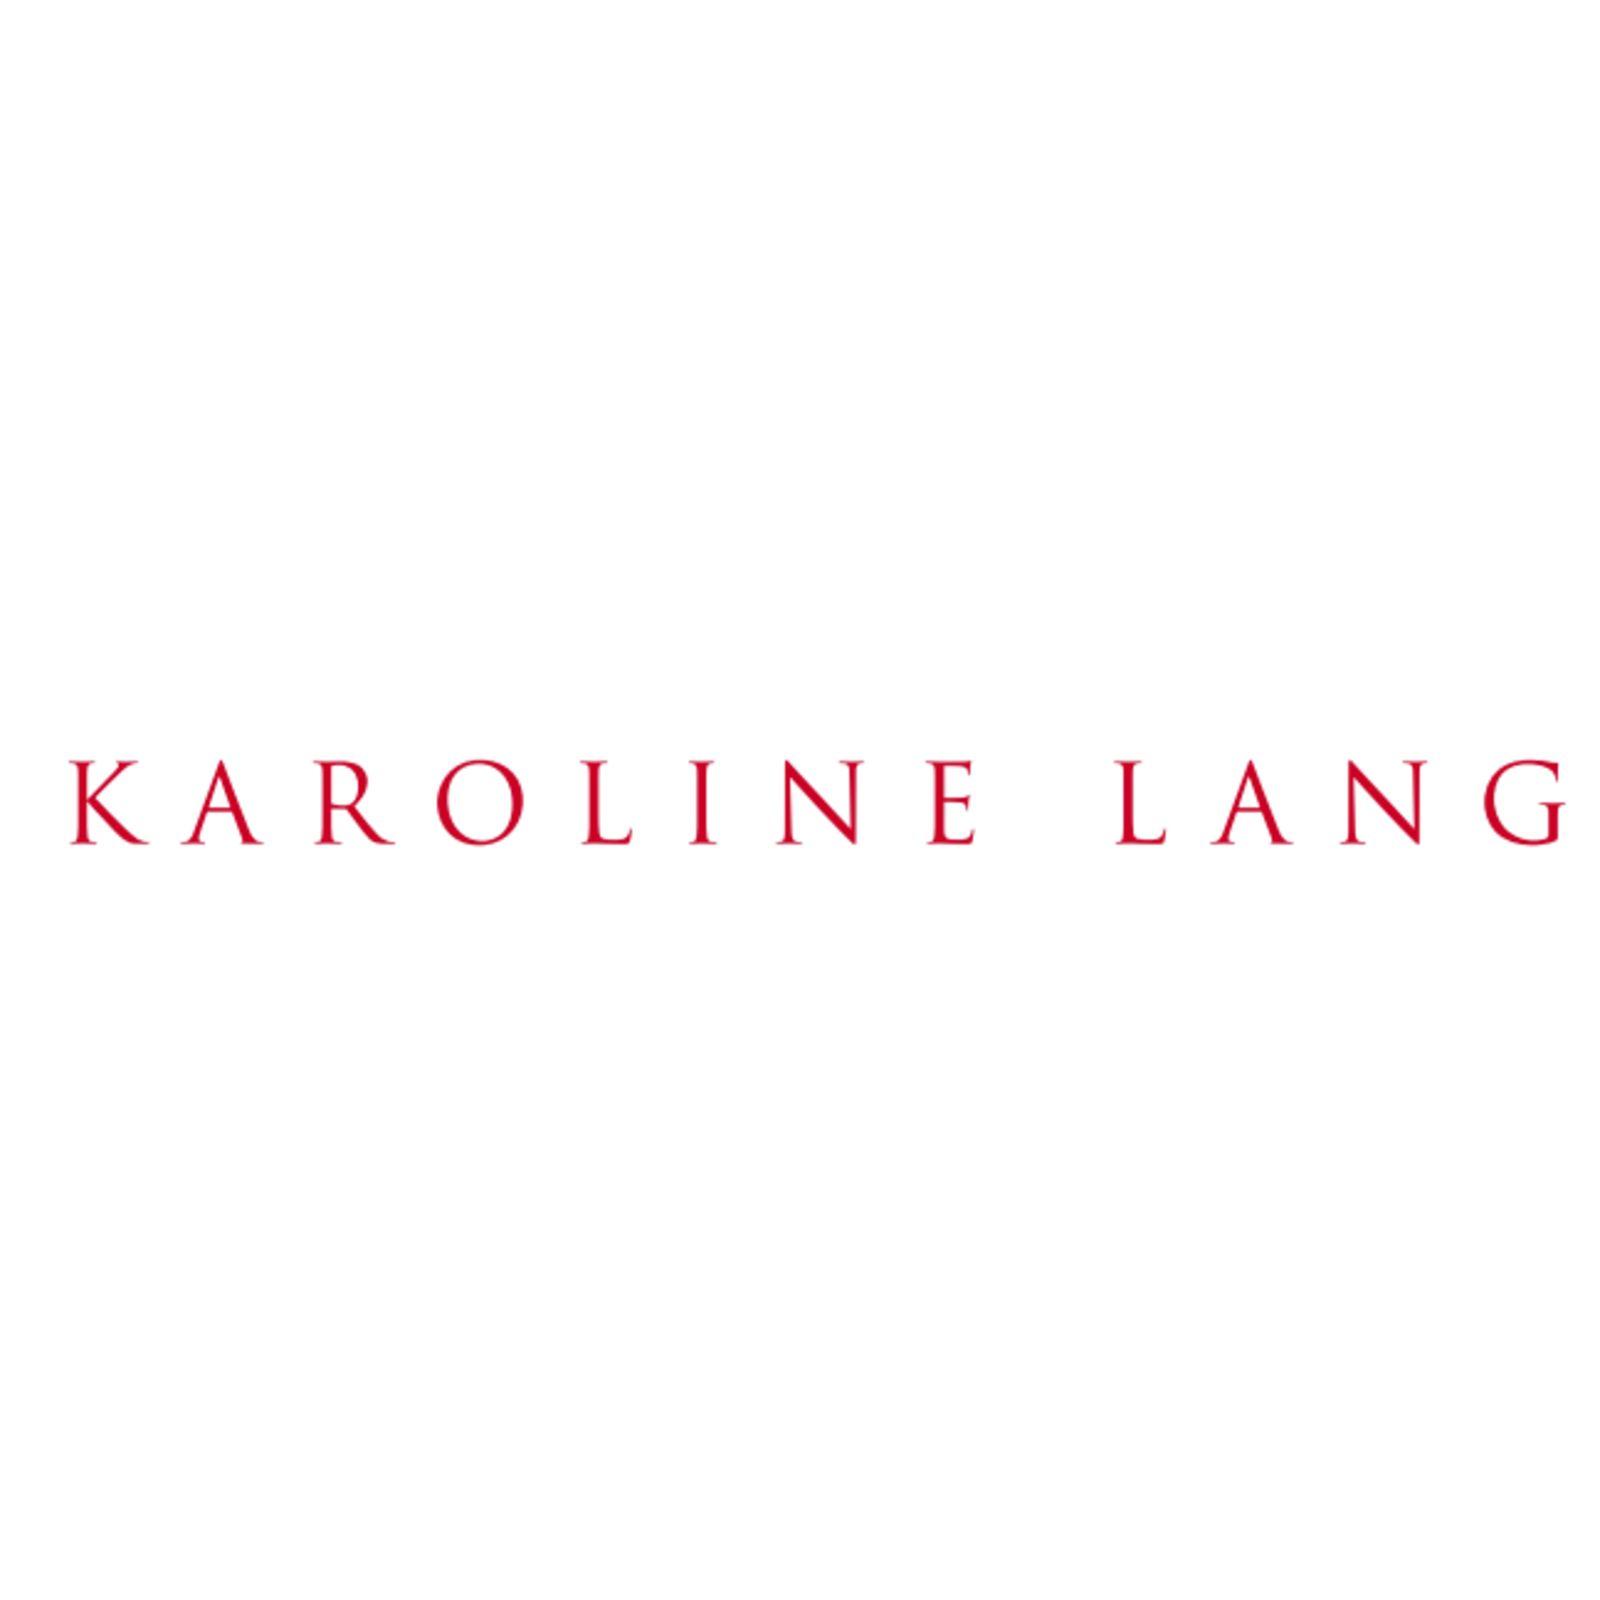 KAROLINE LANG